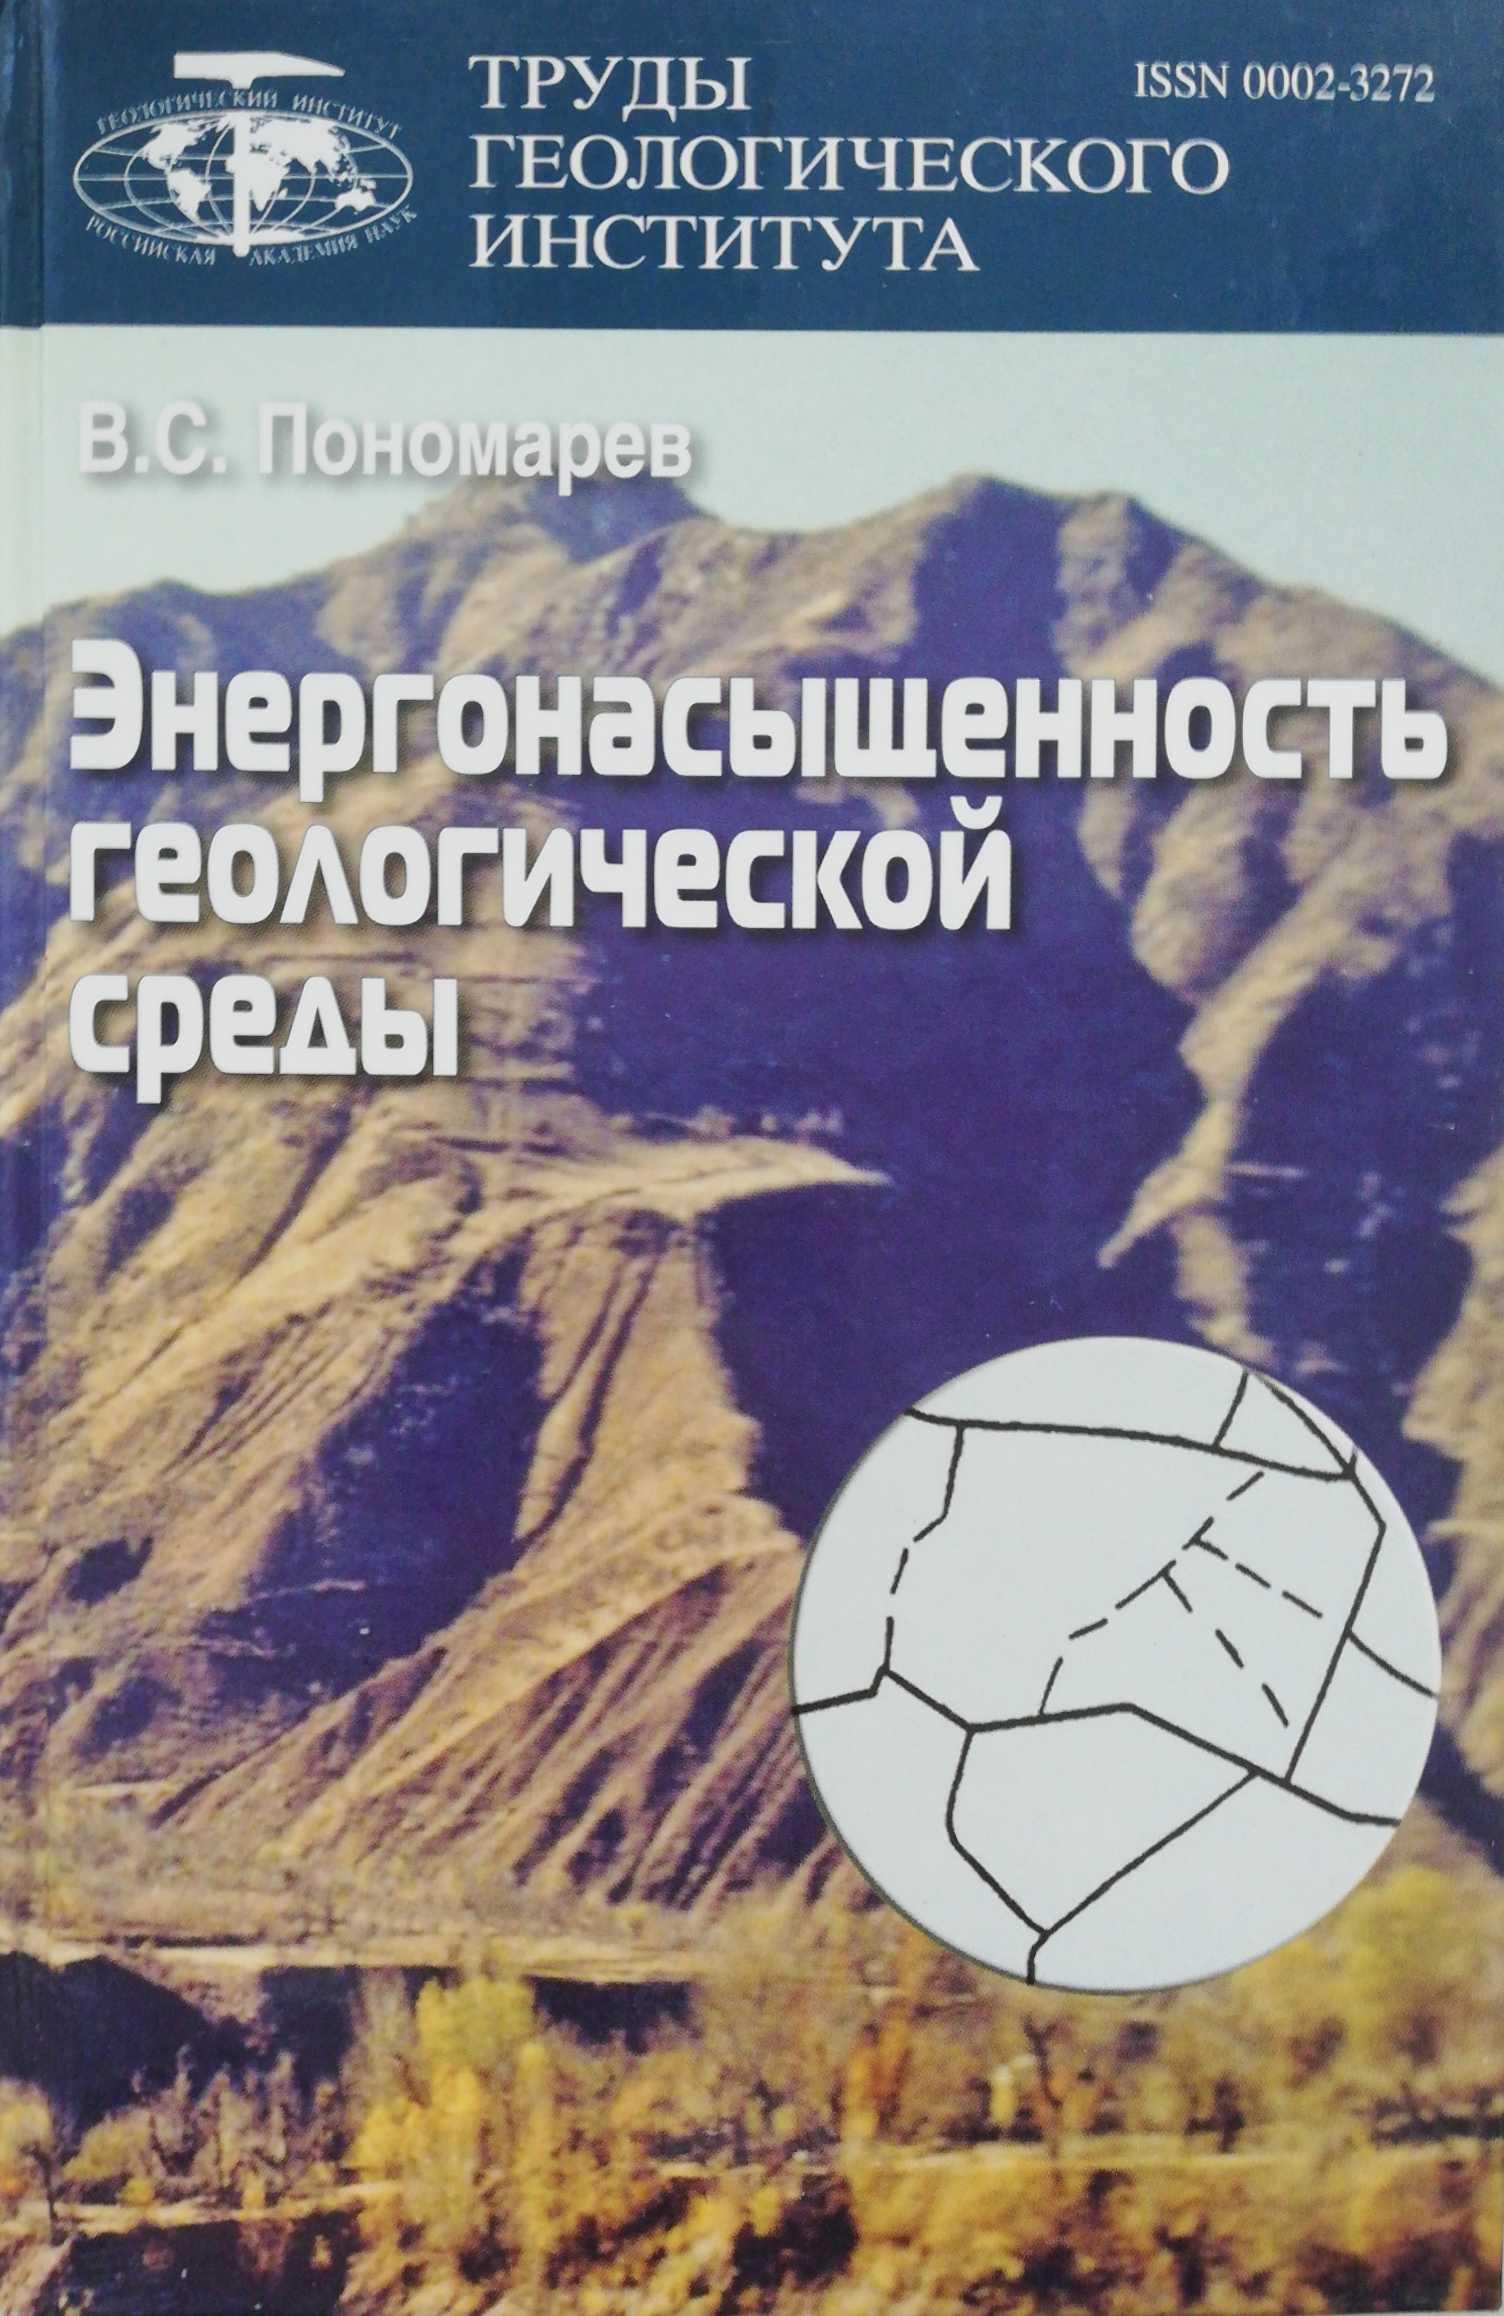 В. С. Пономарев Энергонасыщенность геологической среды